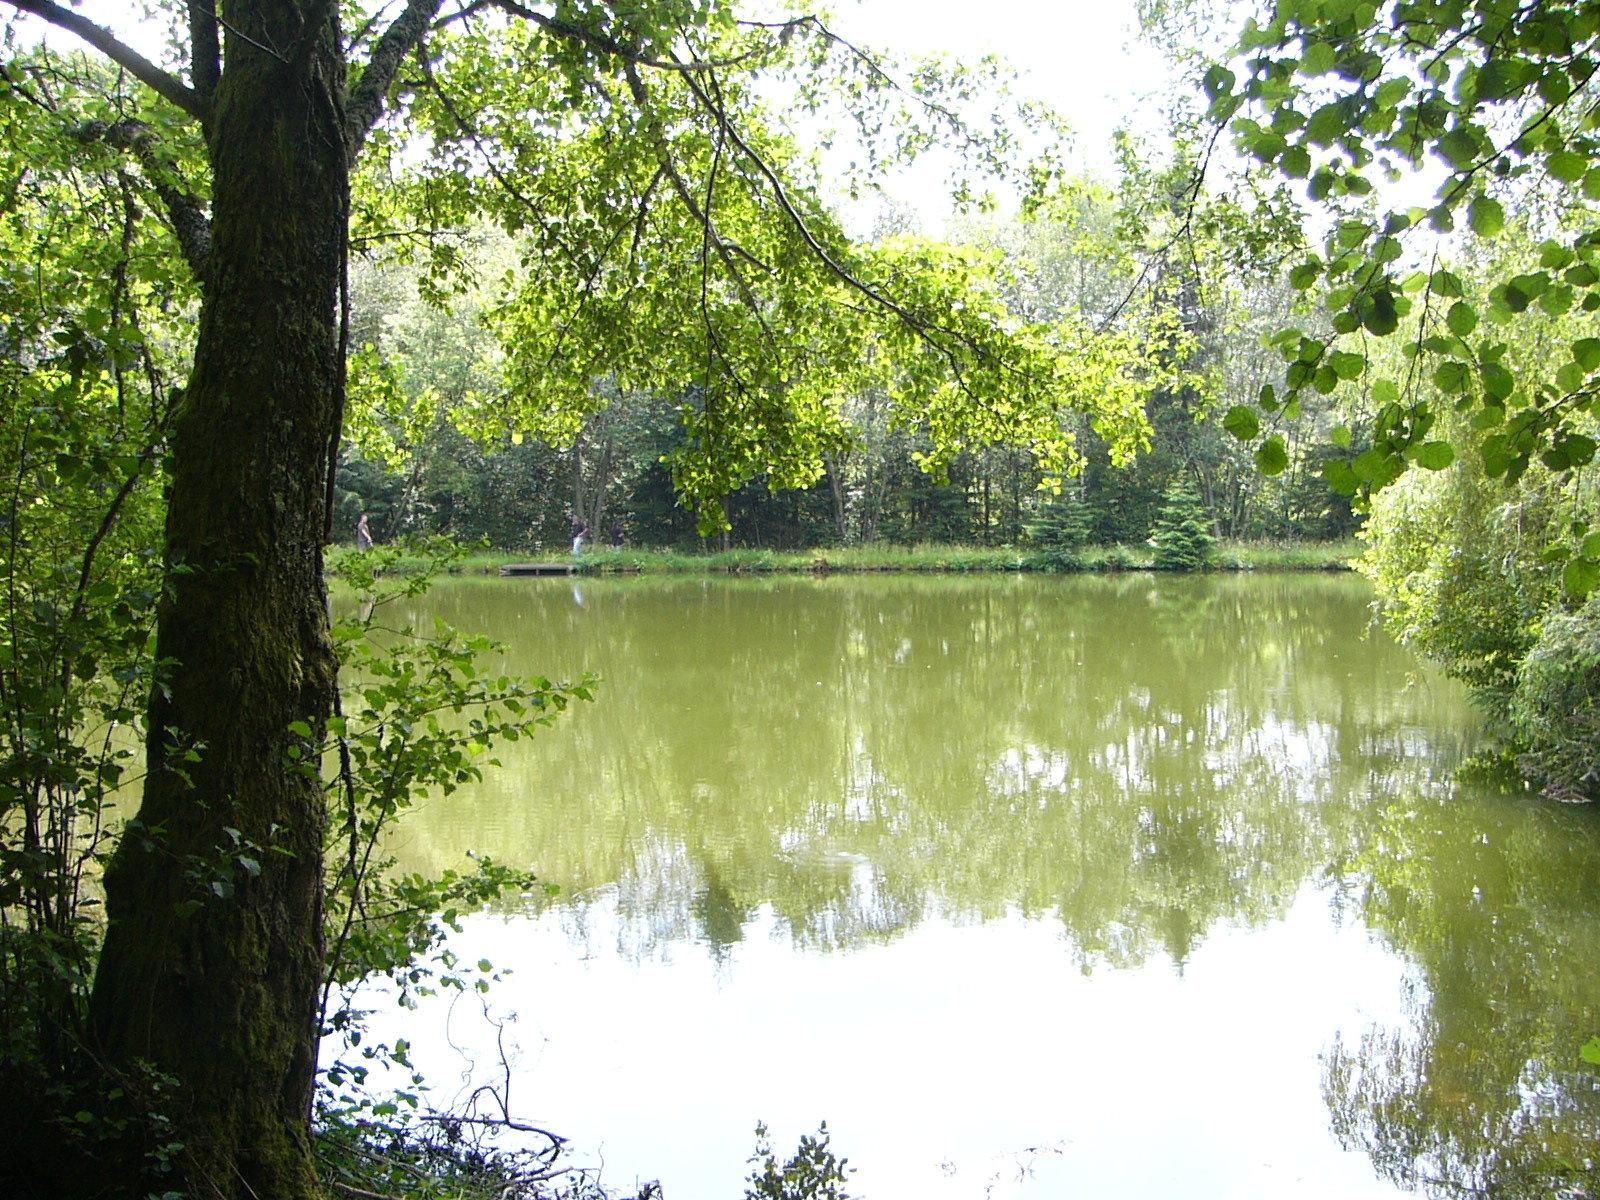 Waldgrundstück mit 5 Seen zum Verkauf bei Anost im Morvan.